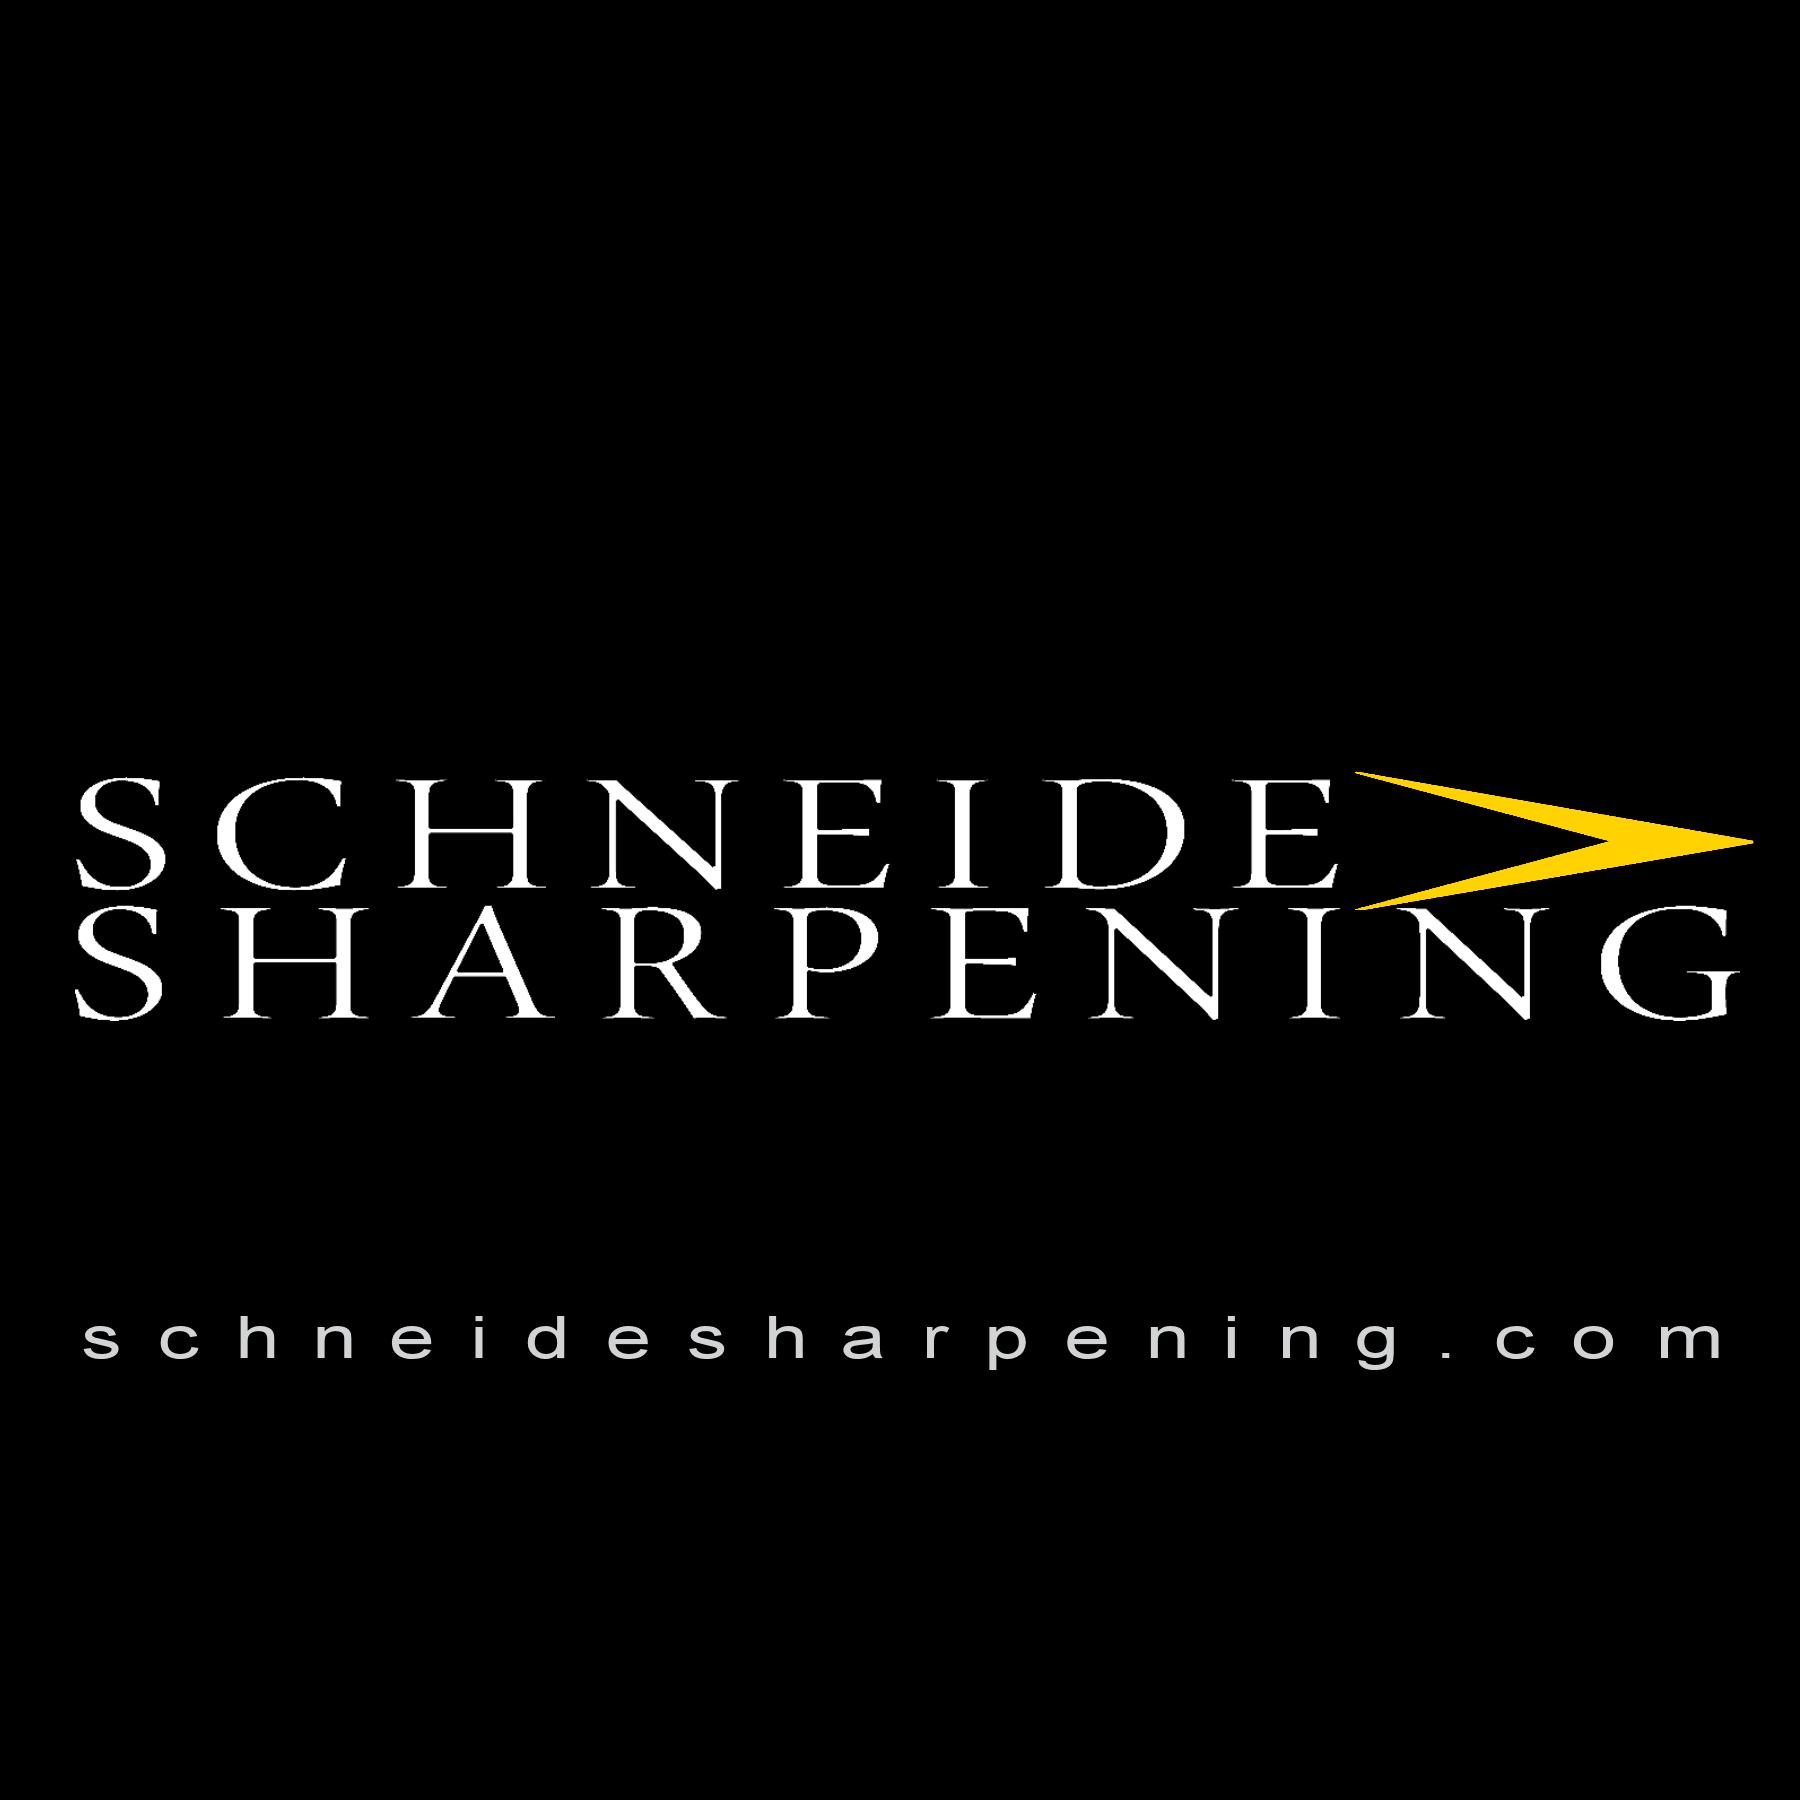 David-Ryan-Schneide-Sharpening-and-Sales-Main-Picture.jpg